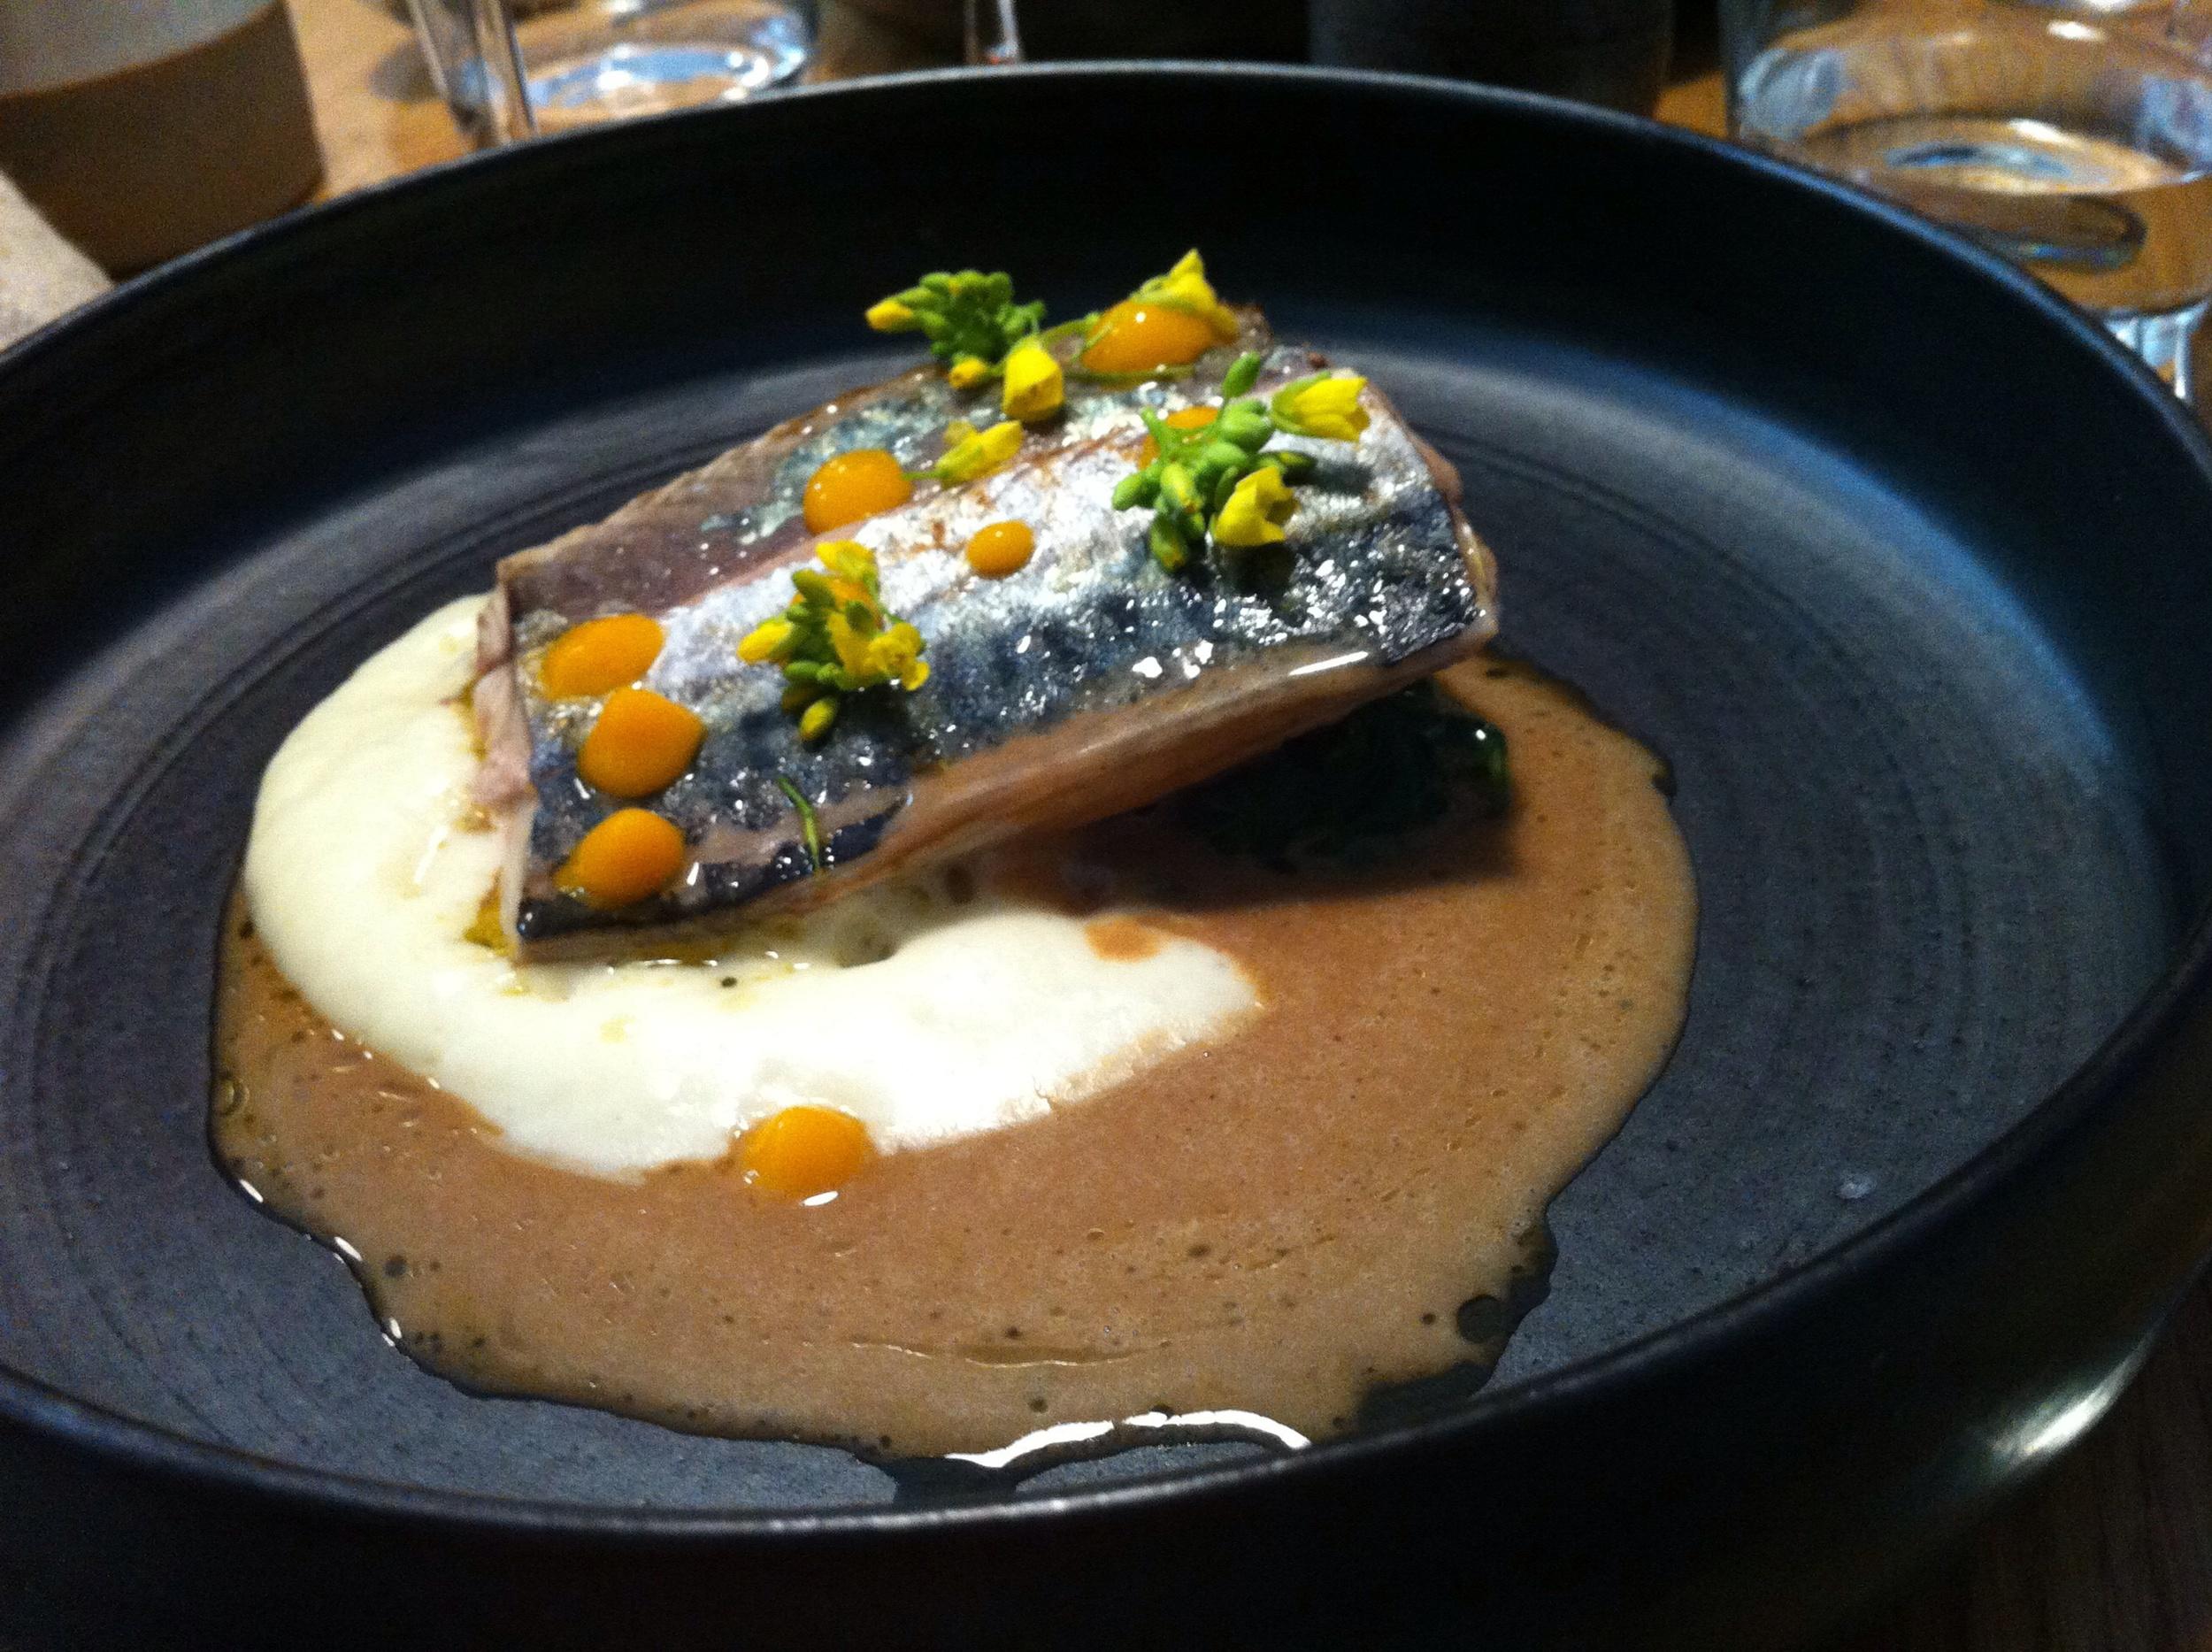 Merlu fish with potato sauce and gravy